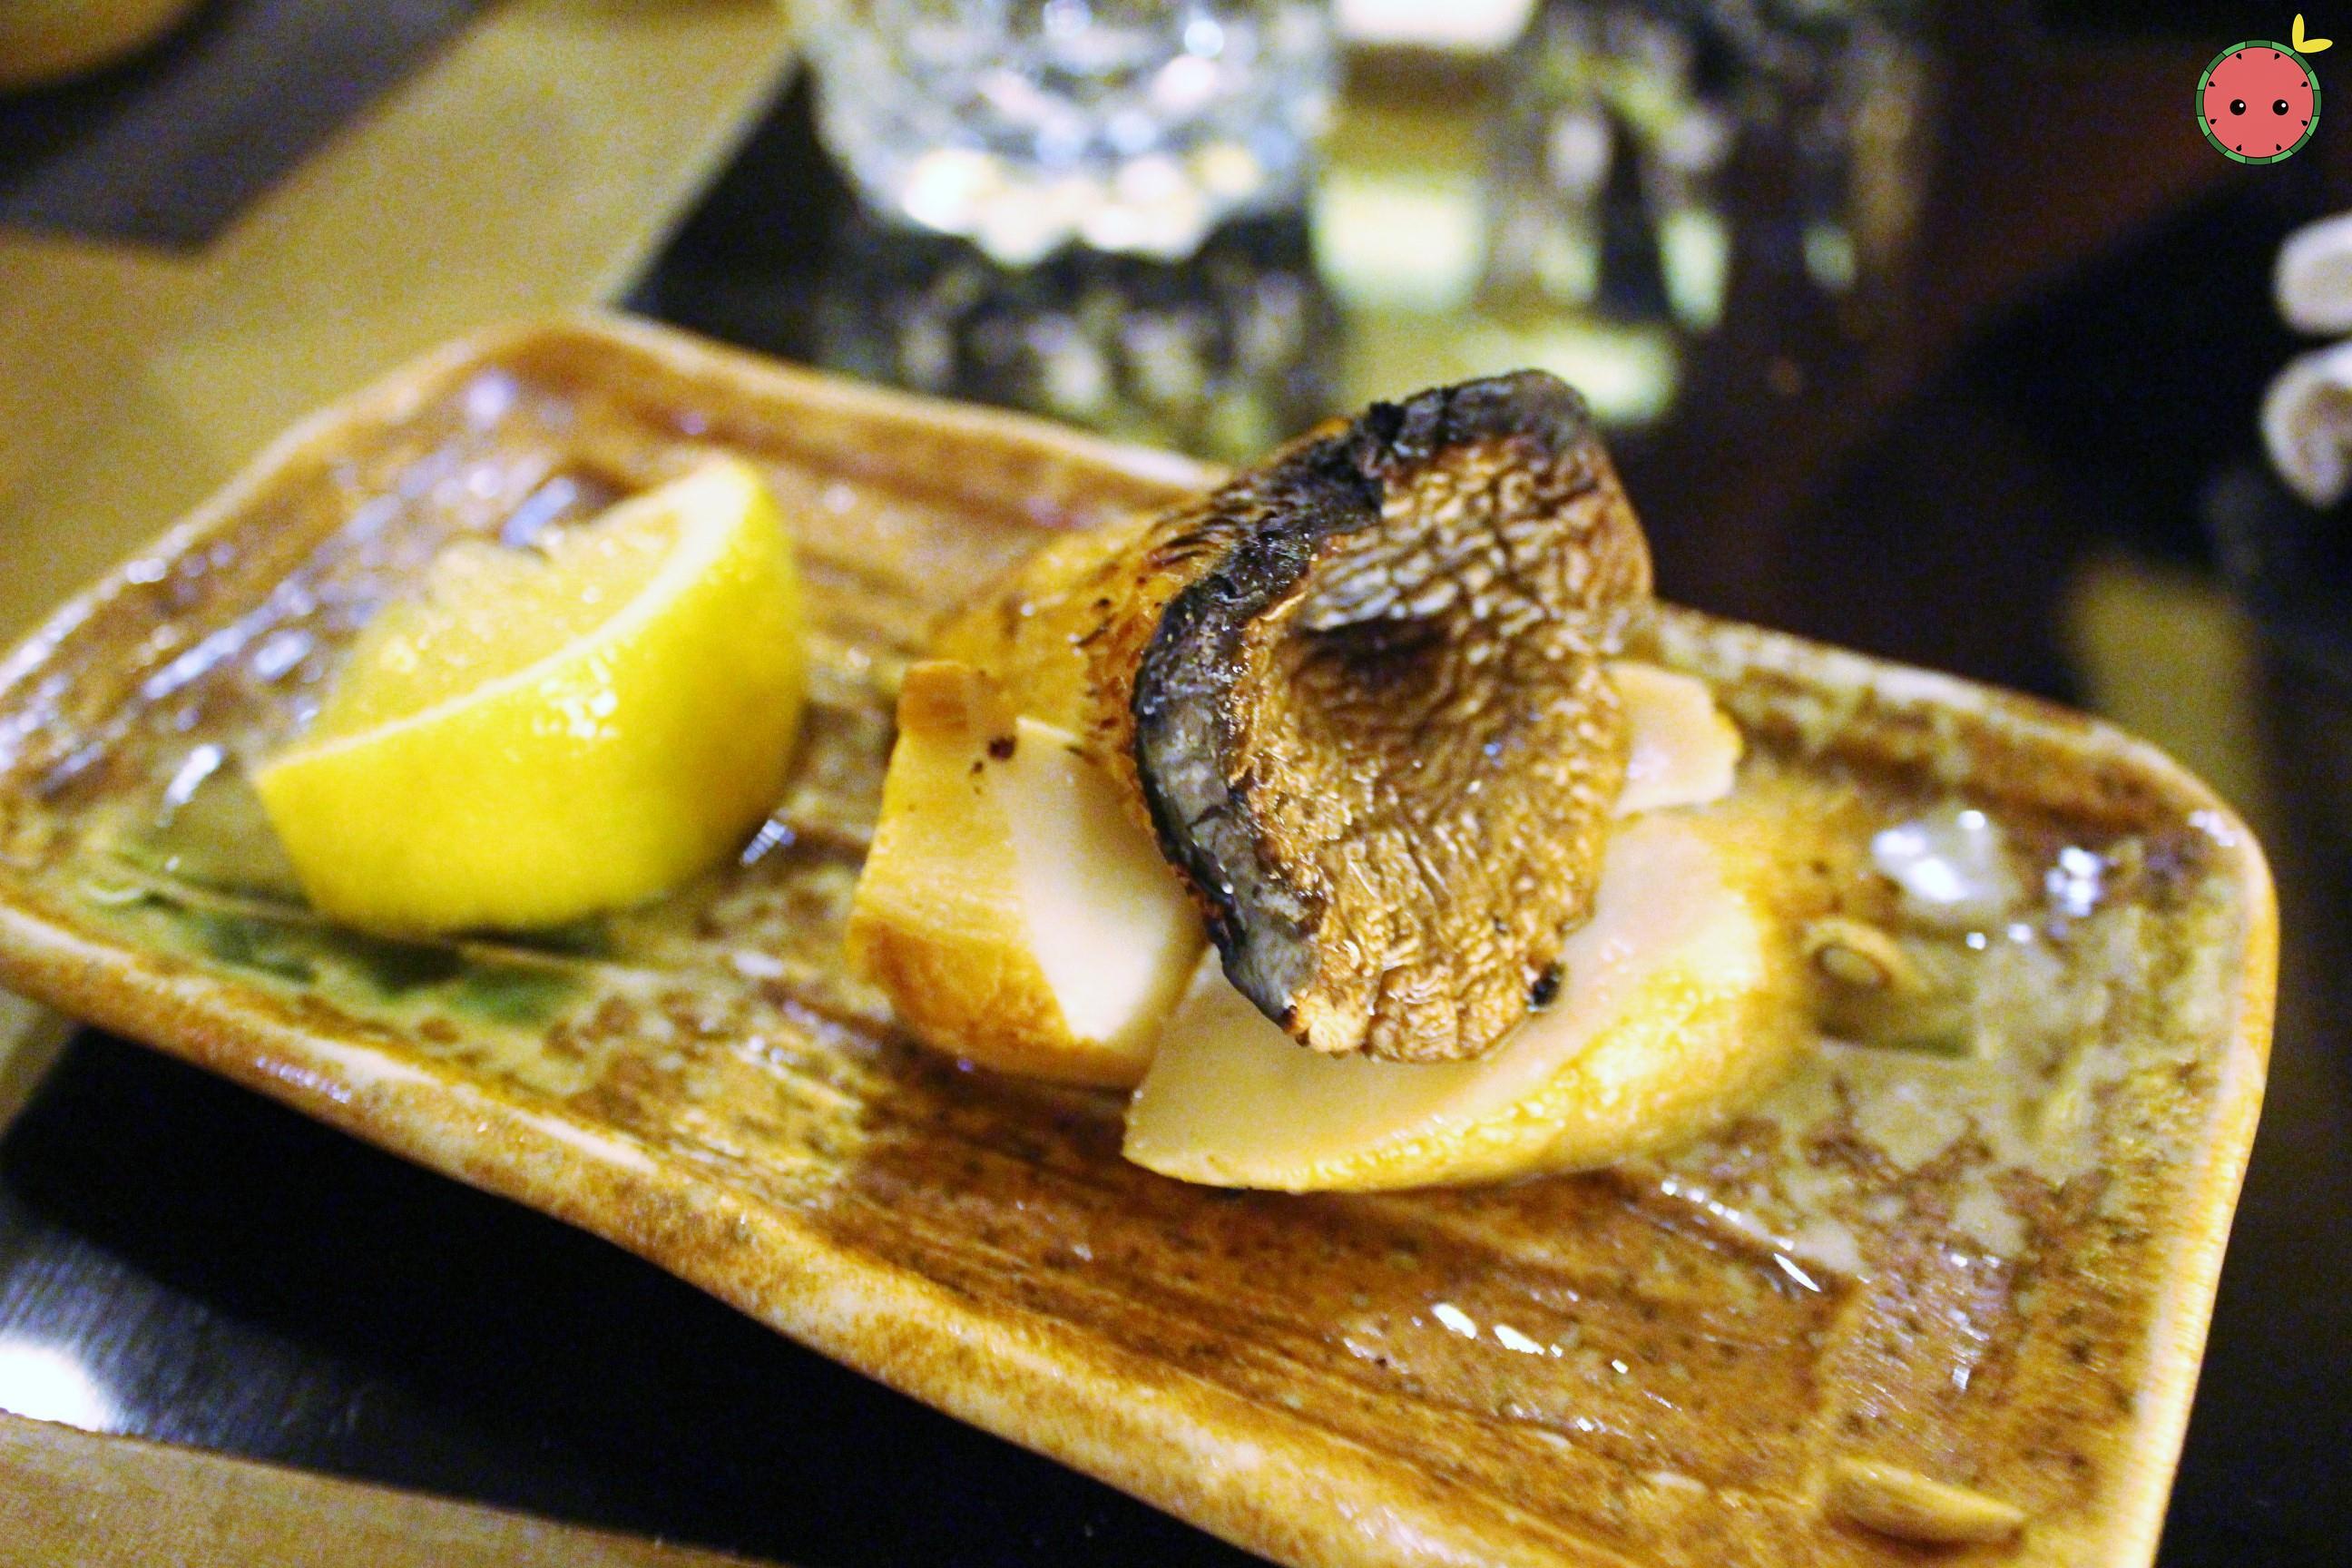 Eringi (king trumpet mushroom)